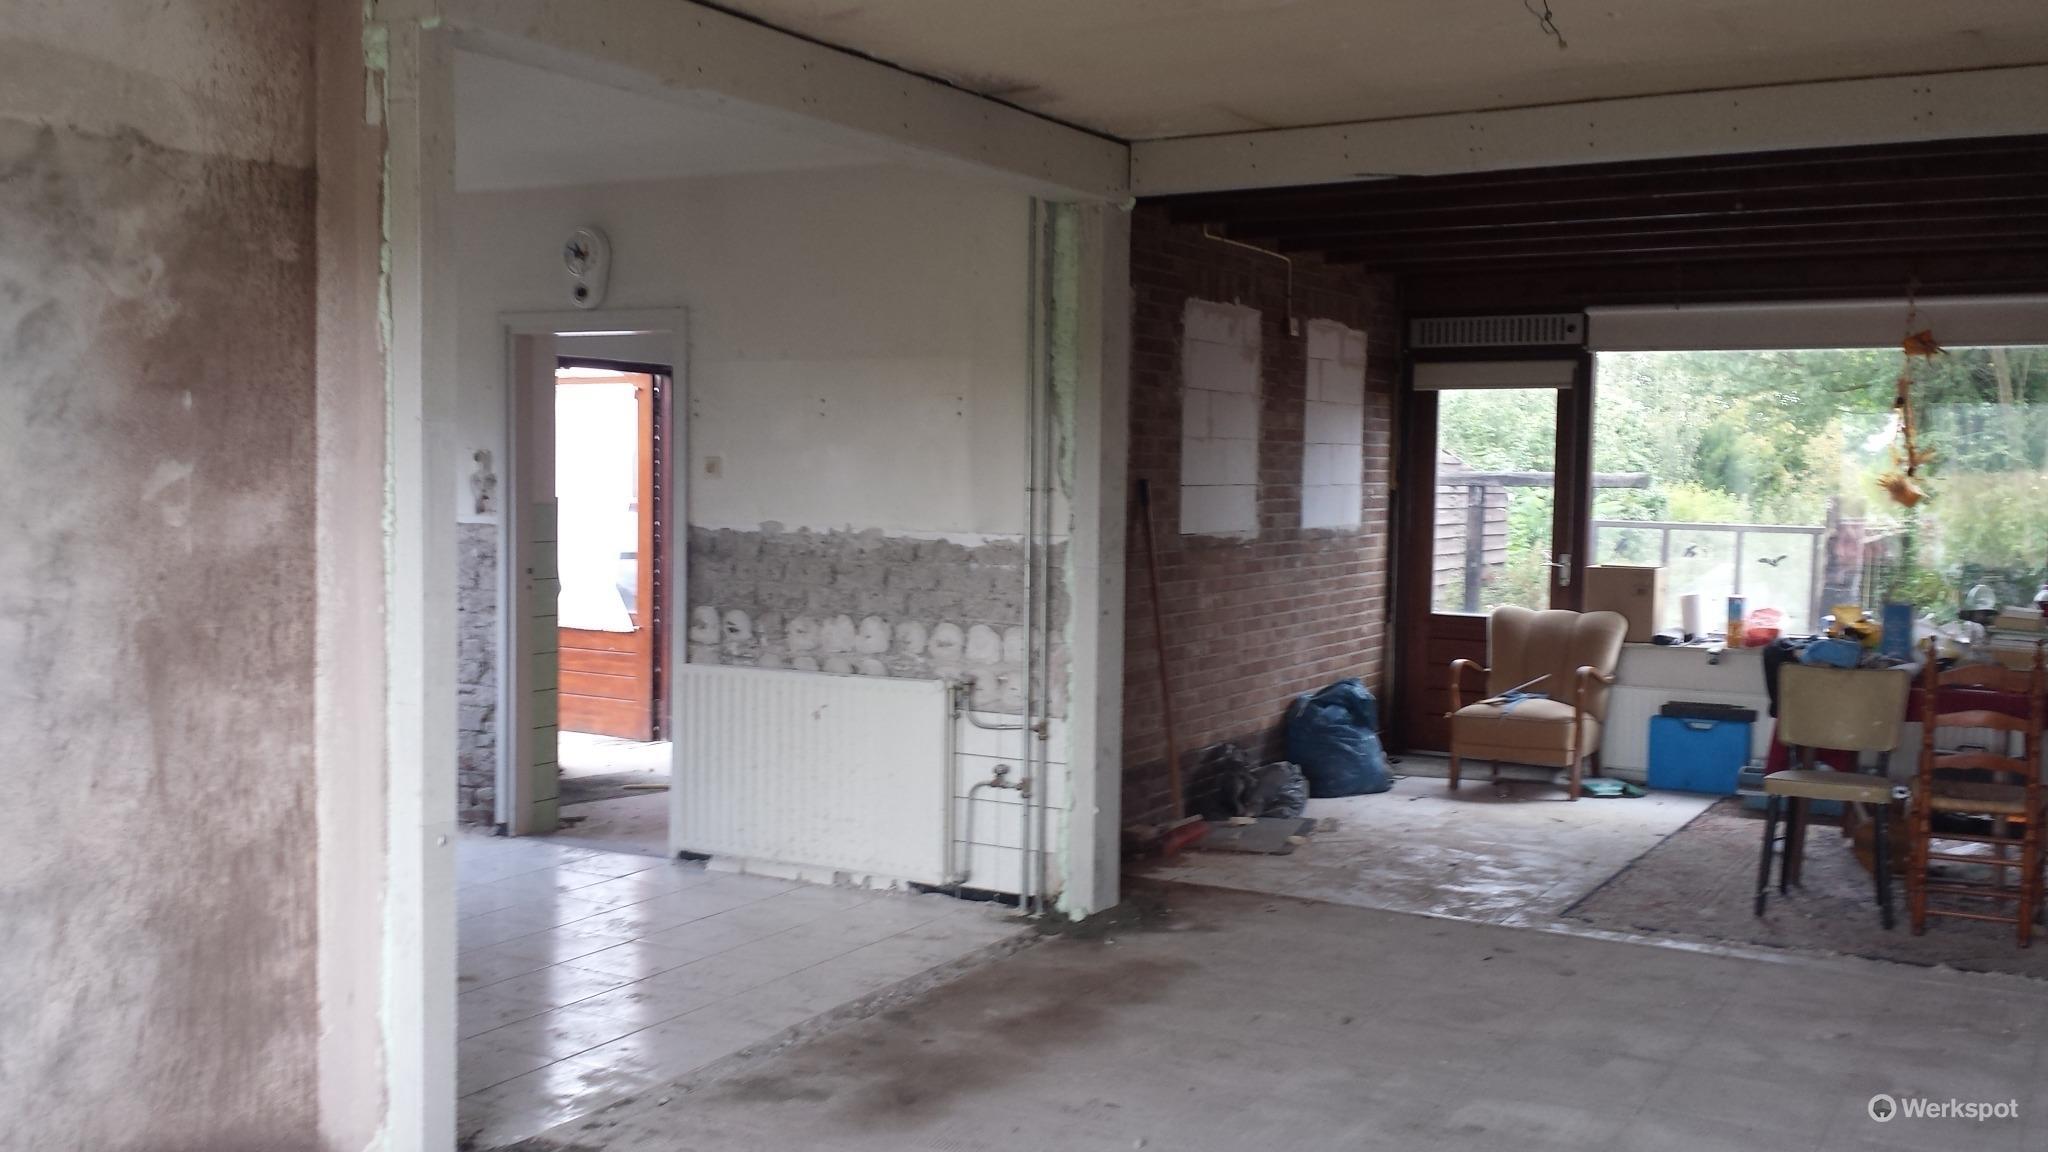 draagmuur verwijderen en balken plaatsen  Werkspot